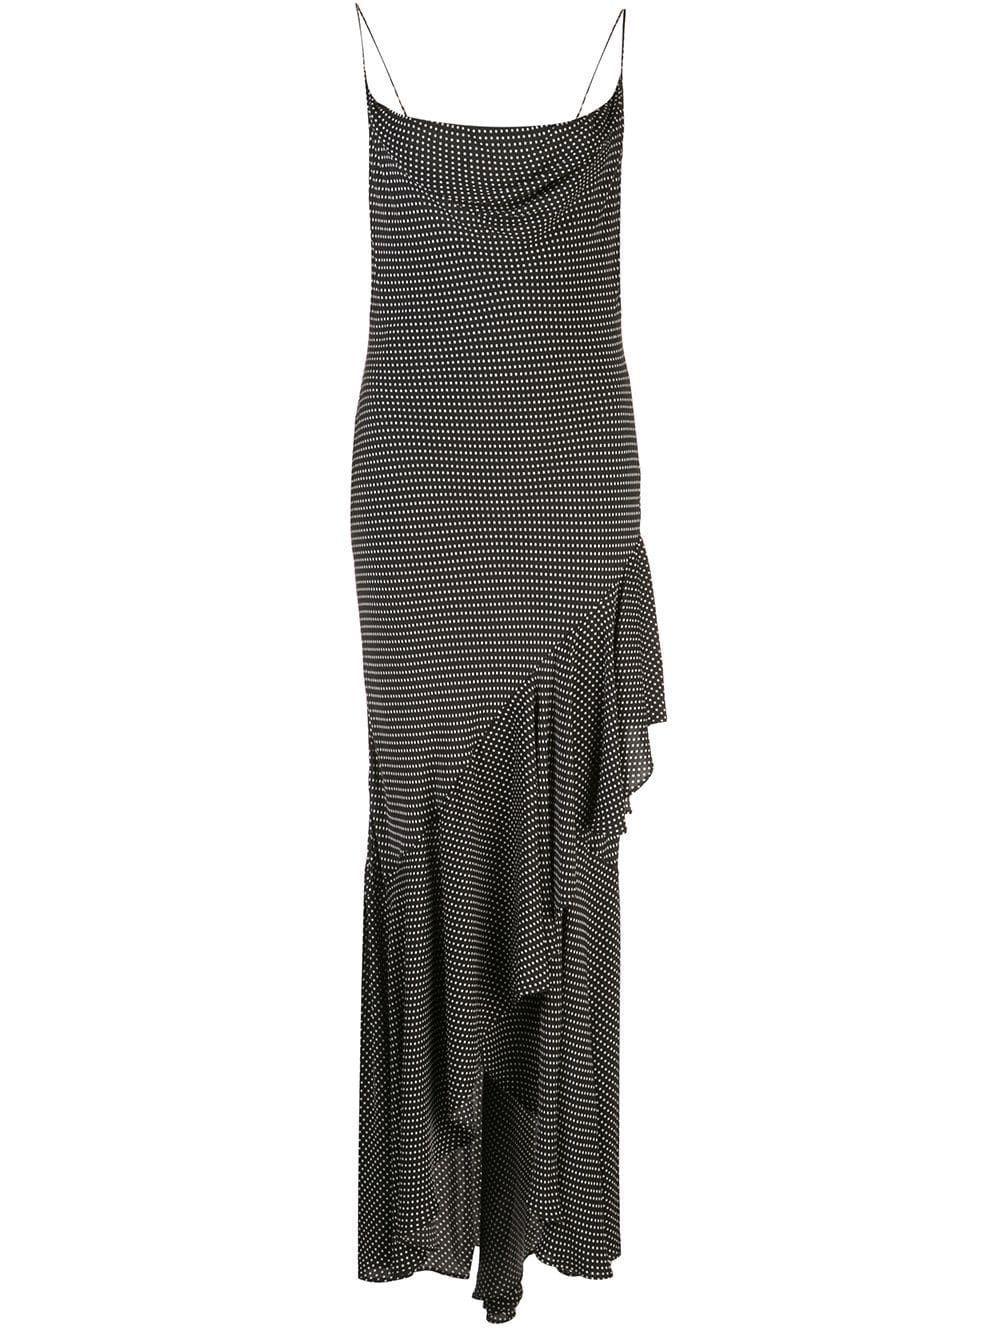 Ginger Cowl Neck Ruffle Skirt Dress